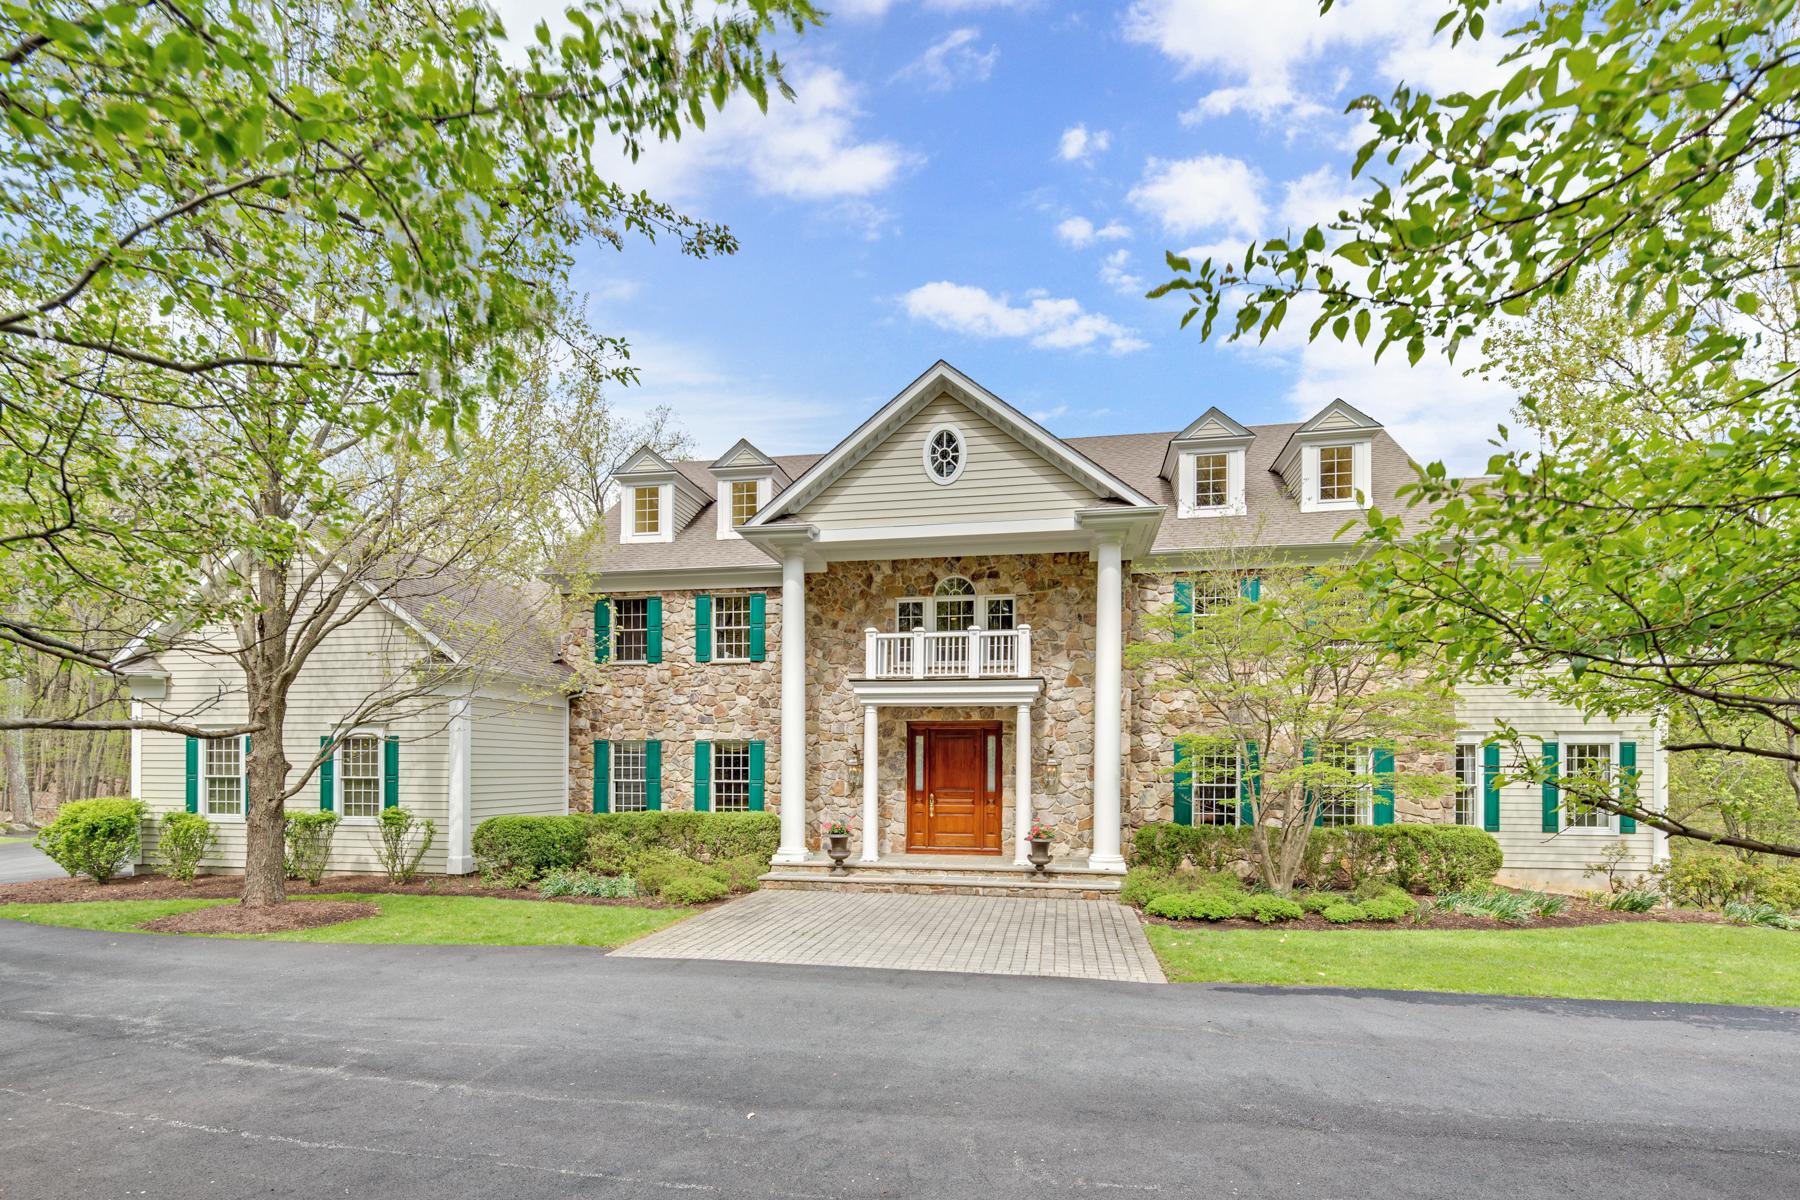 Частный односемейный дом для того Продажа на Elegant Custom Colonial 51 Ravine Lake Road Bernardsville, 07924 Соединенные Штаты